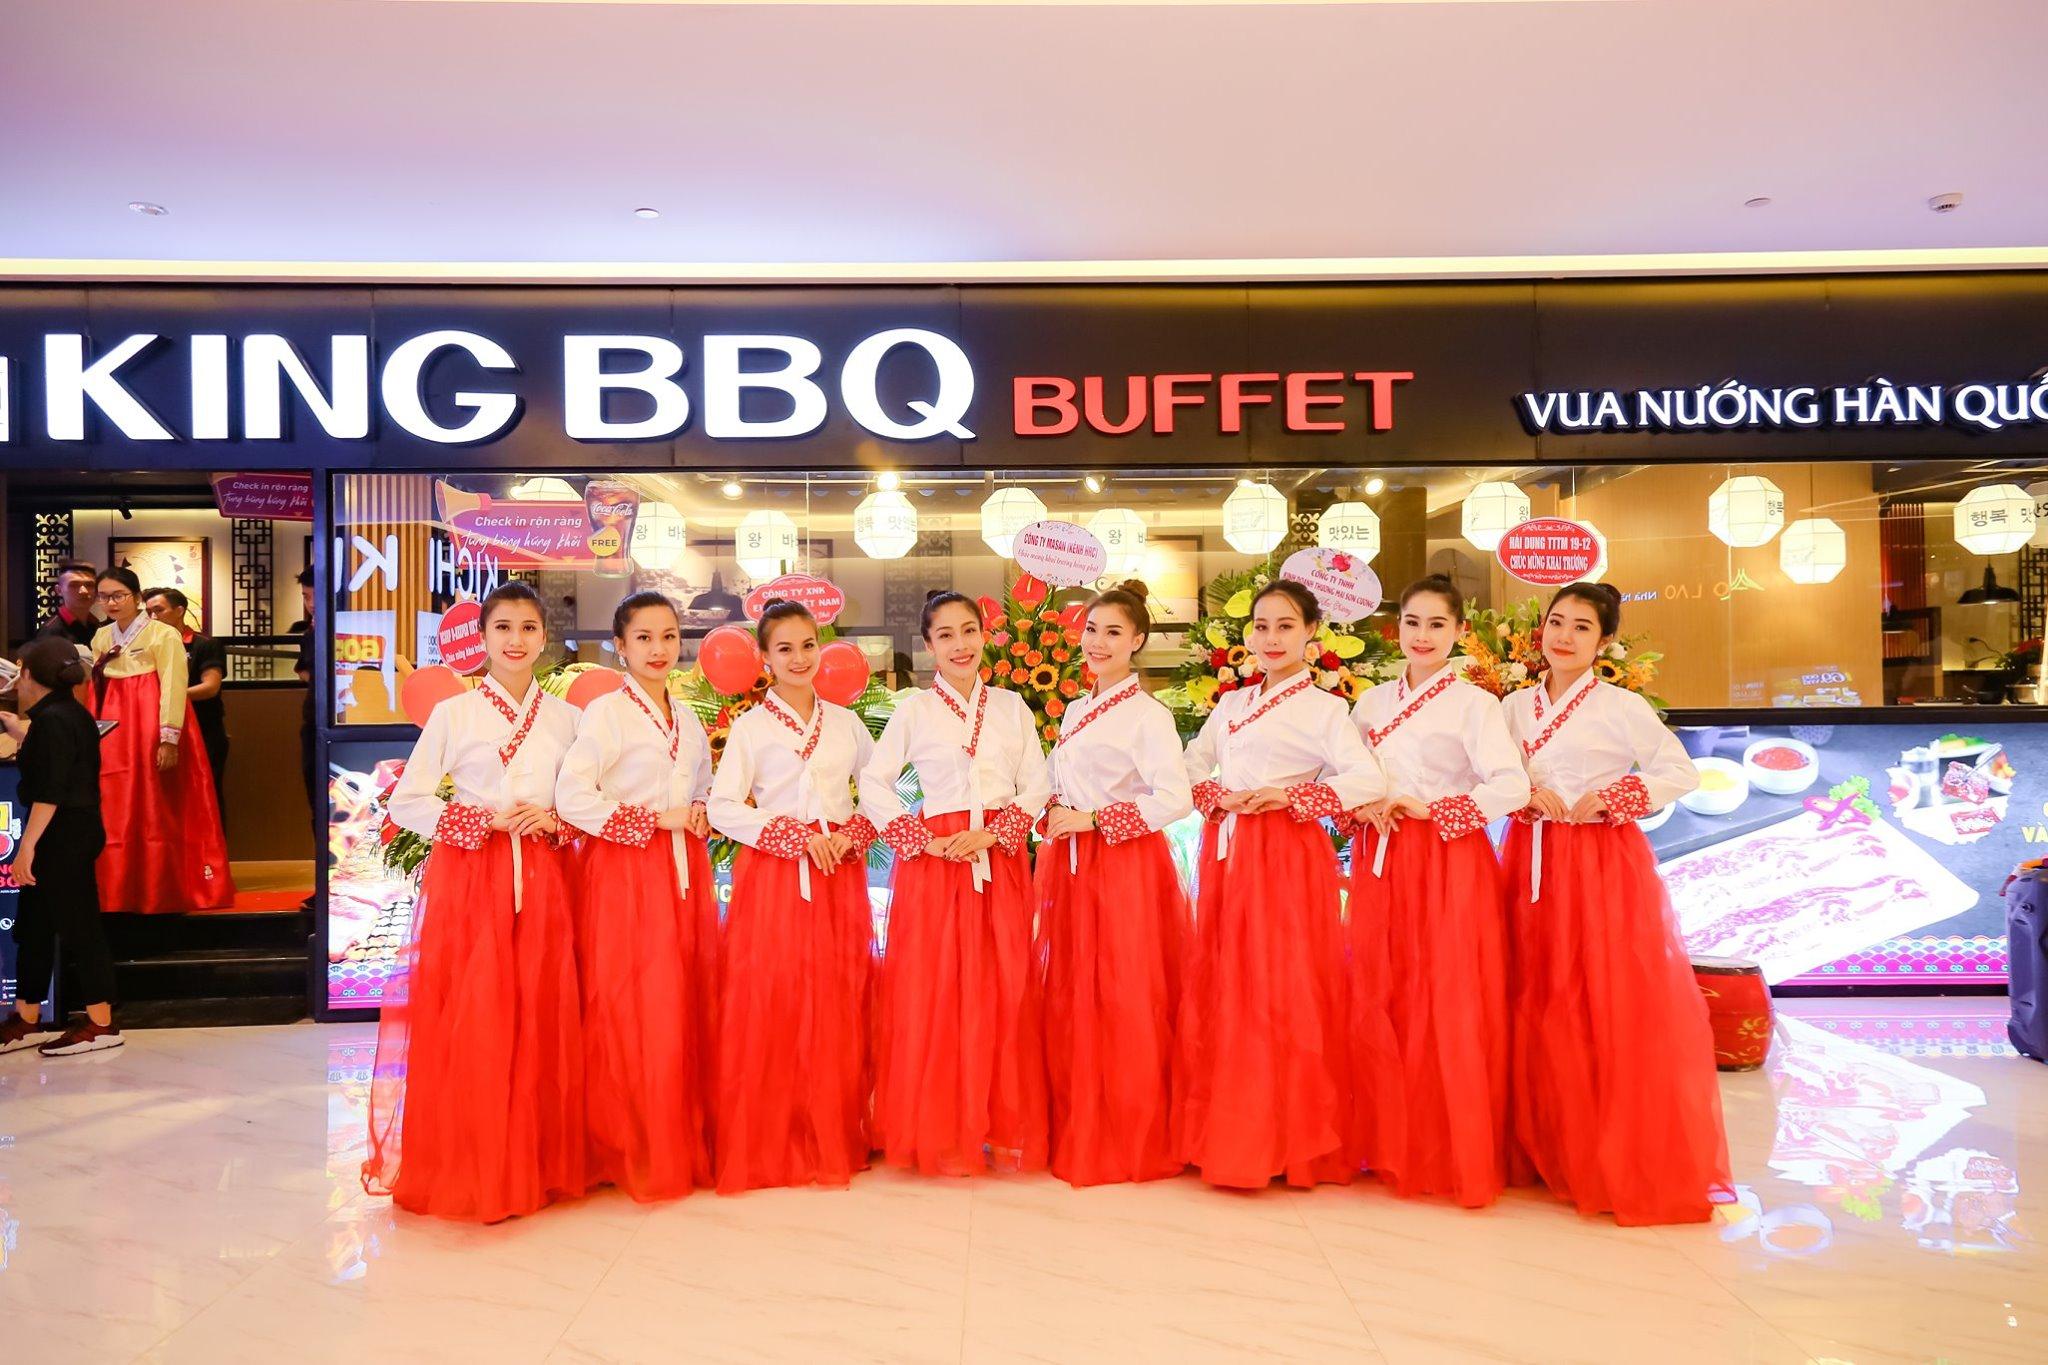 Thêm một mẫu đồng phục nhà hàng Hàn Quốc Hanbok màu đỏ nữa